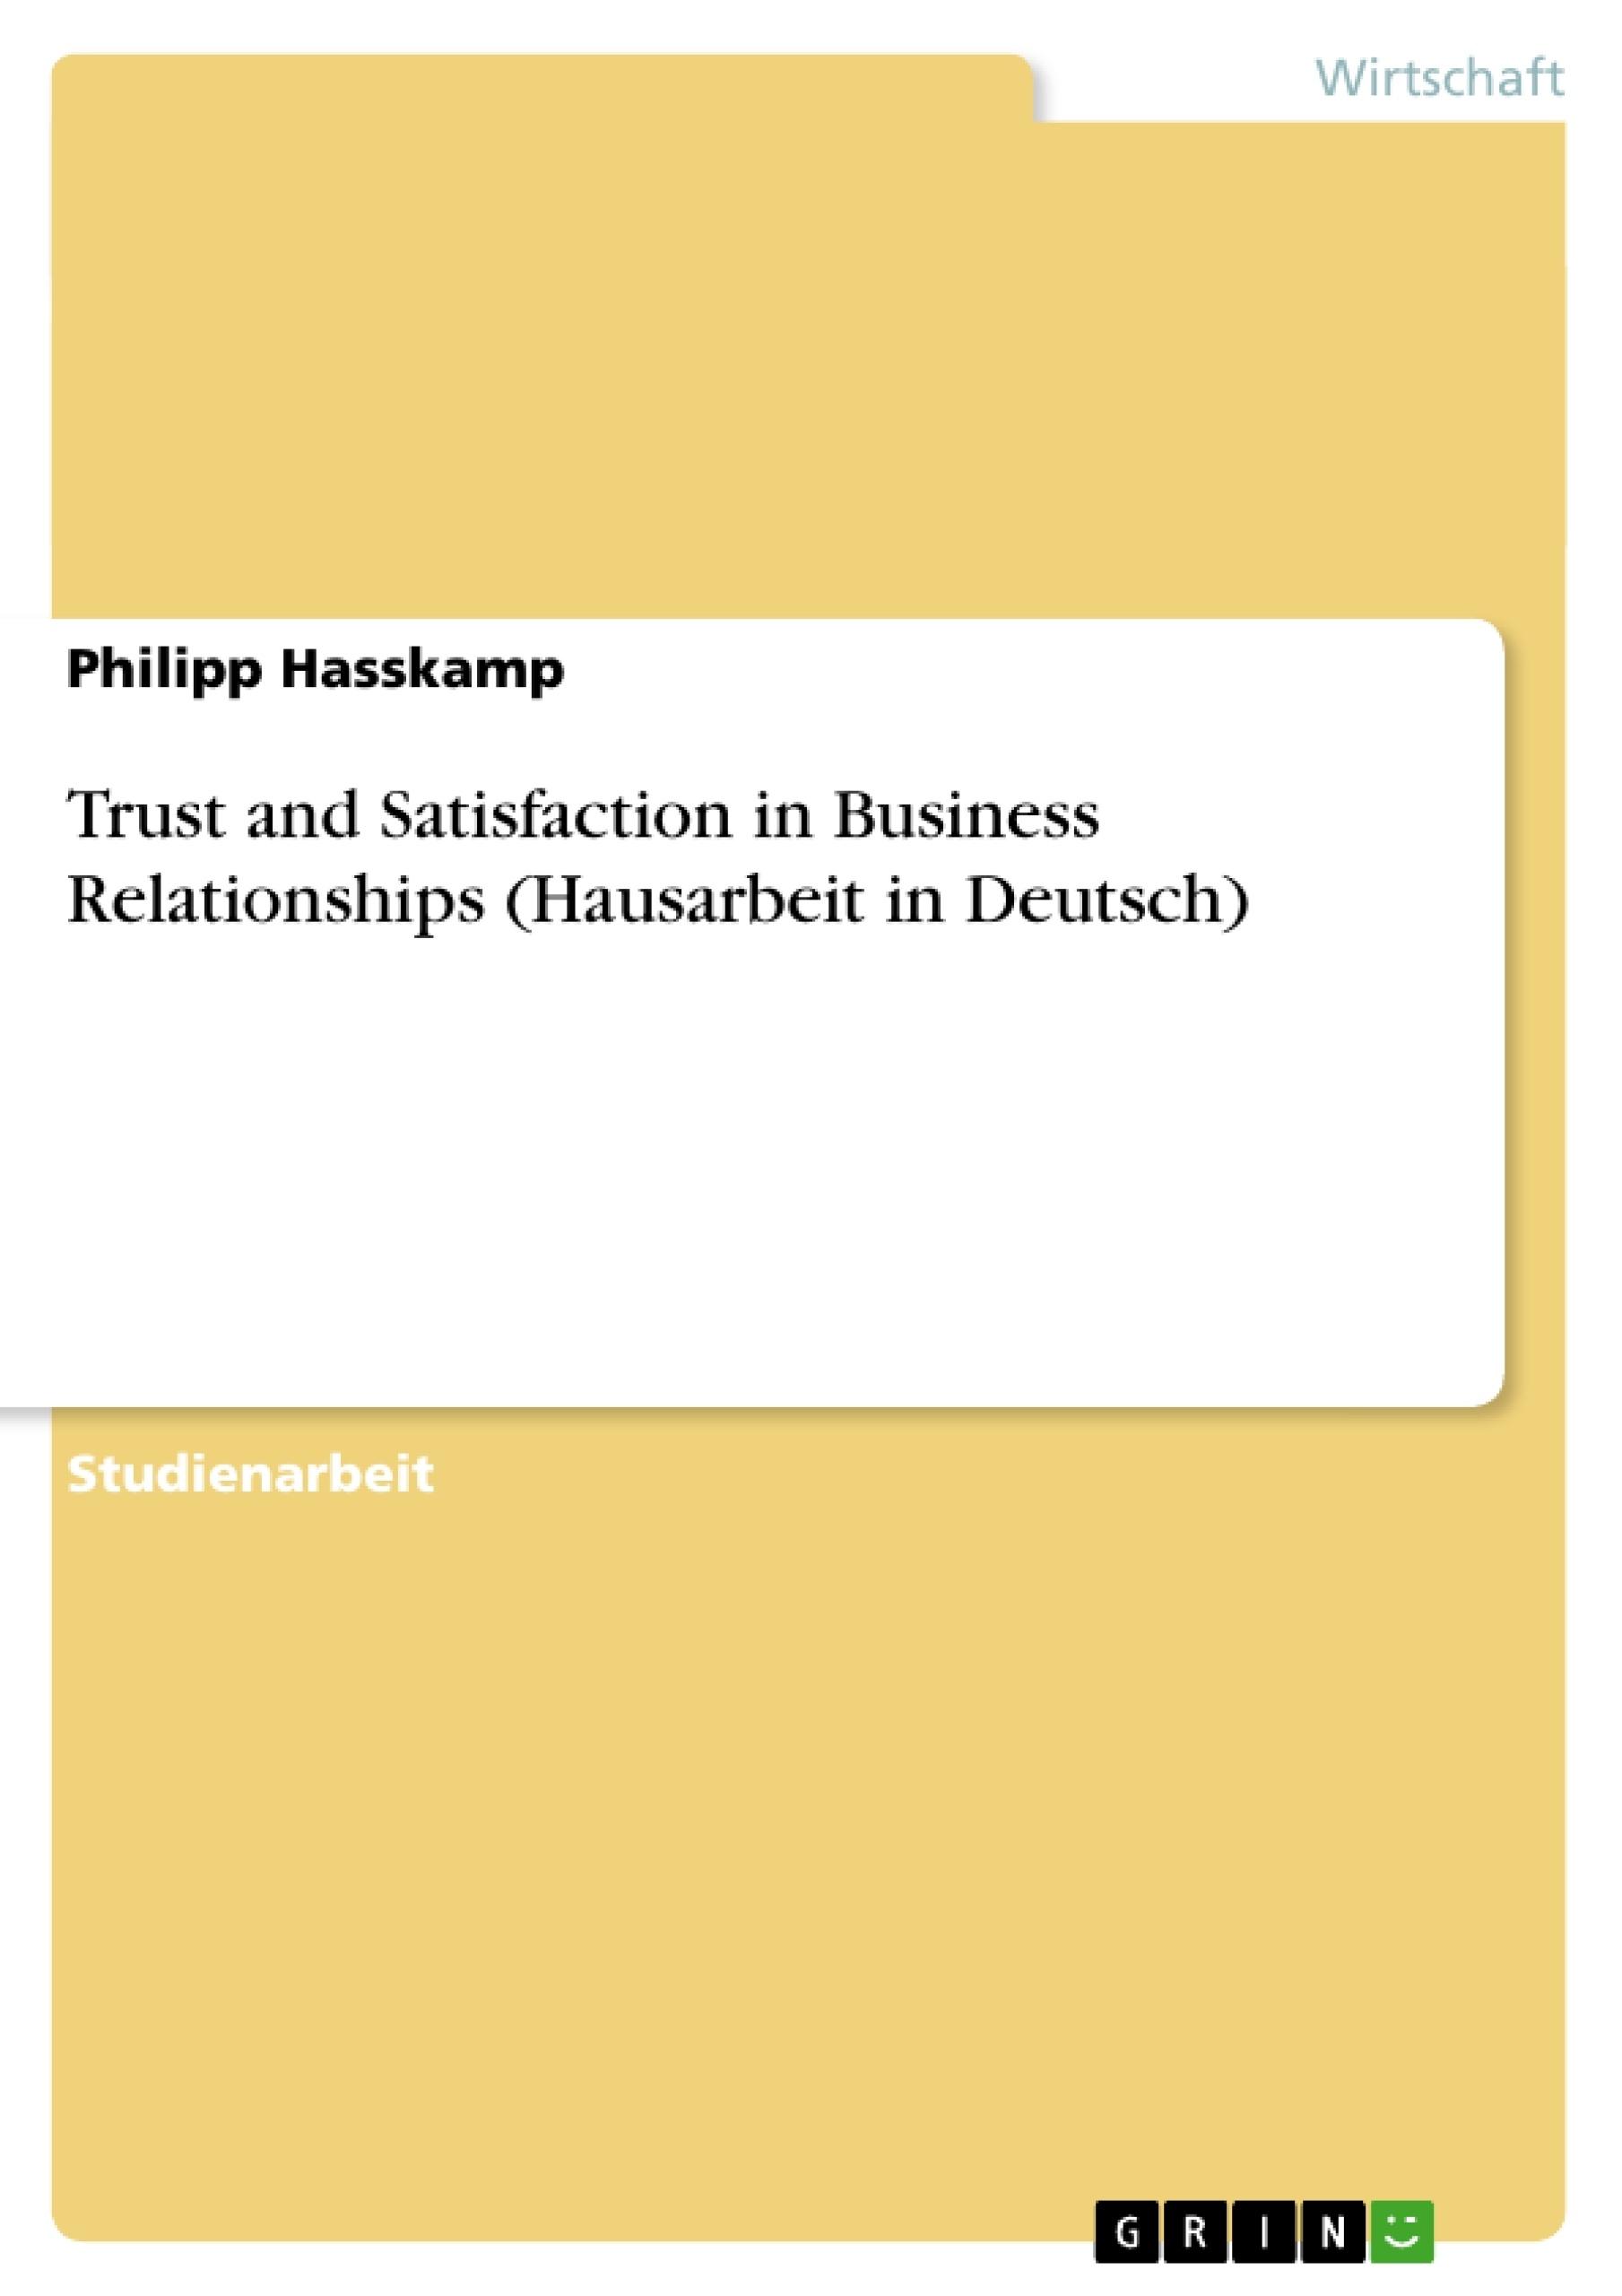 Titel: Trust and Satisfaction in Business Relationships (Hausarbeit in Deutsch)